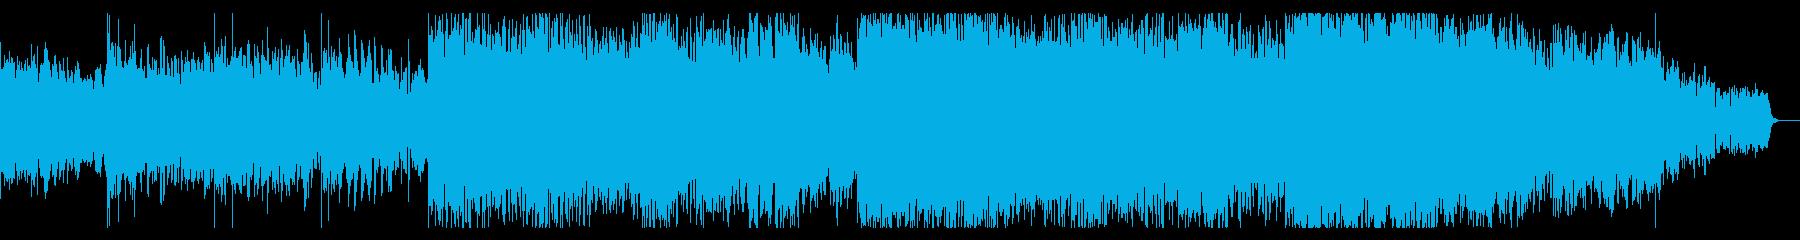 デジタルパンクなIDMテクスチャの再生済みの波形